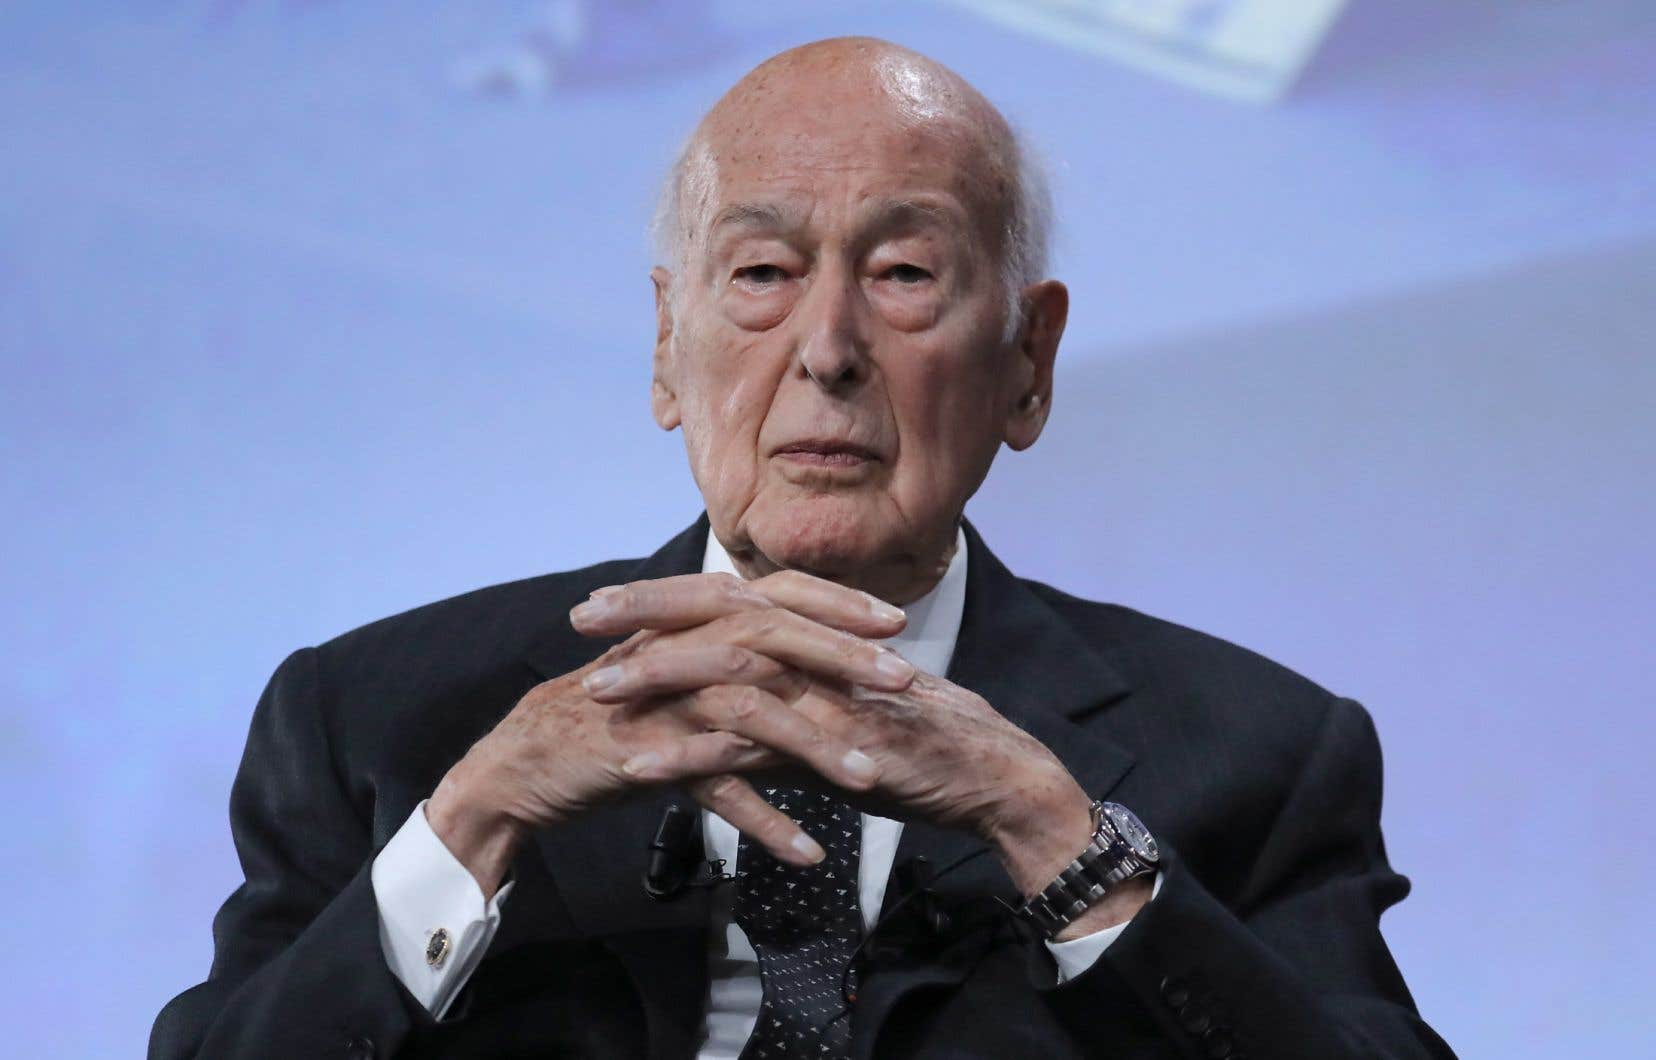 Valery Giscard d'Estaing a dirigé la France de 1974 à 1981 et est toujours membre du Conseil constitutionnel.